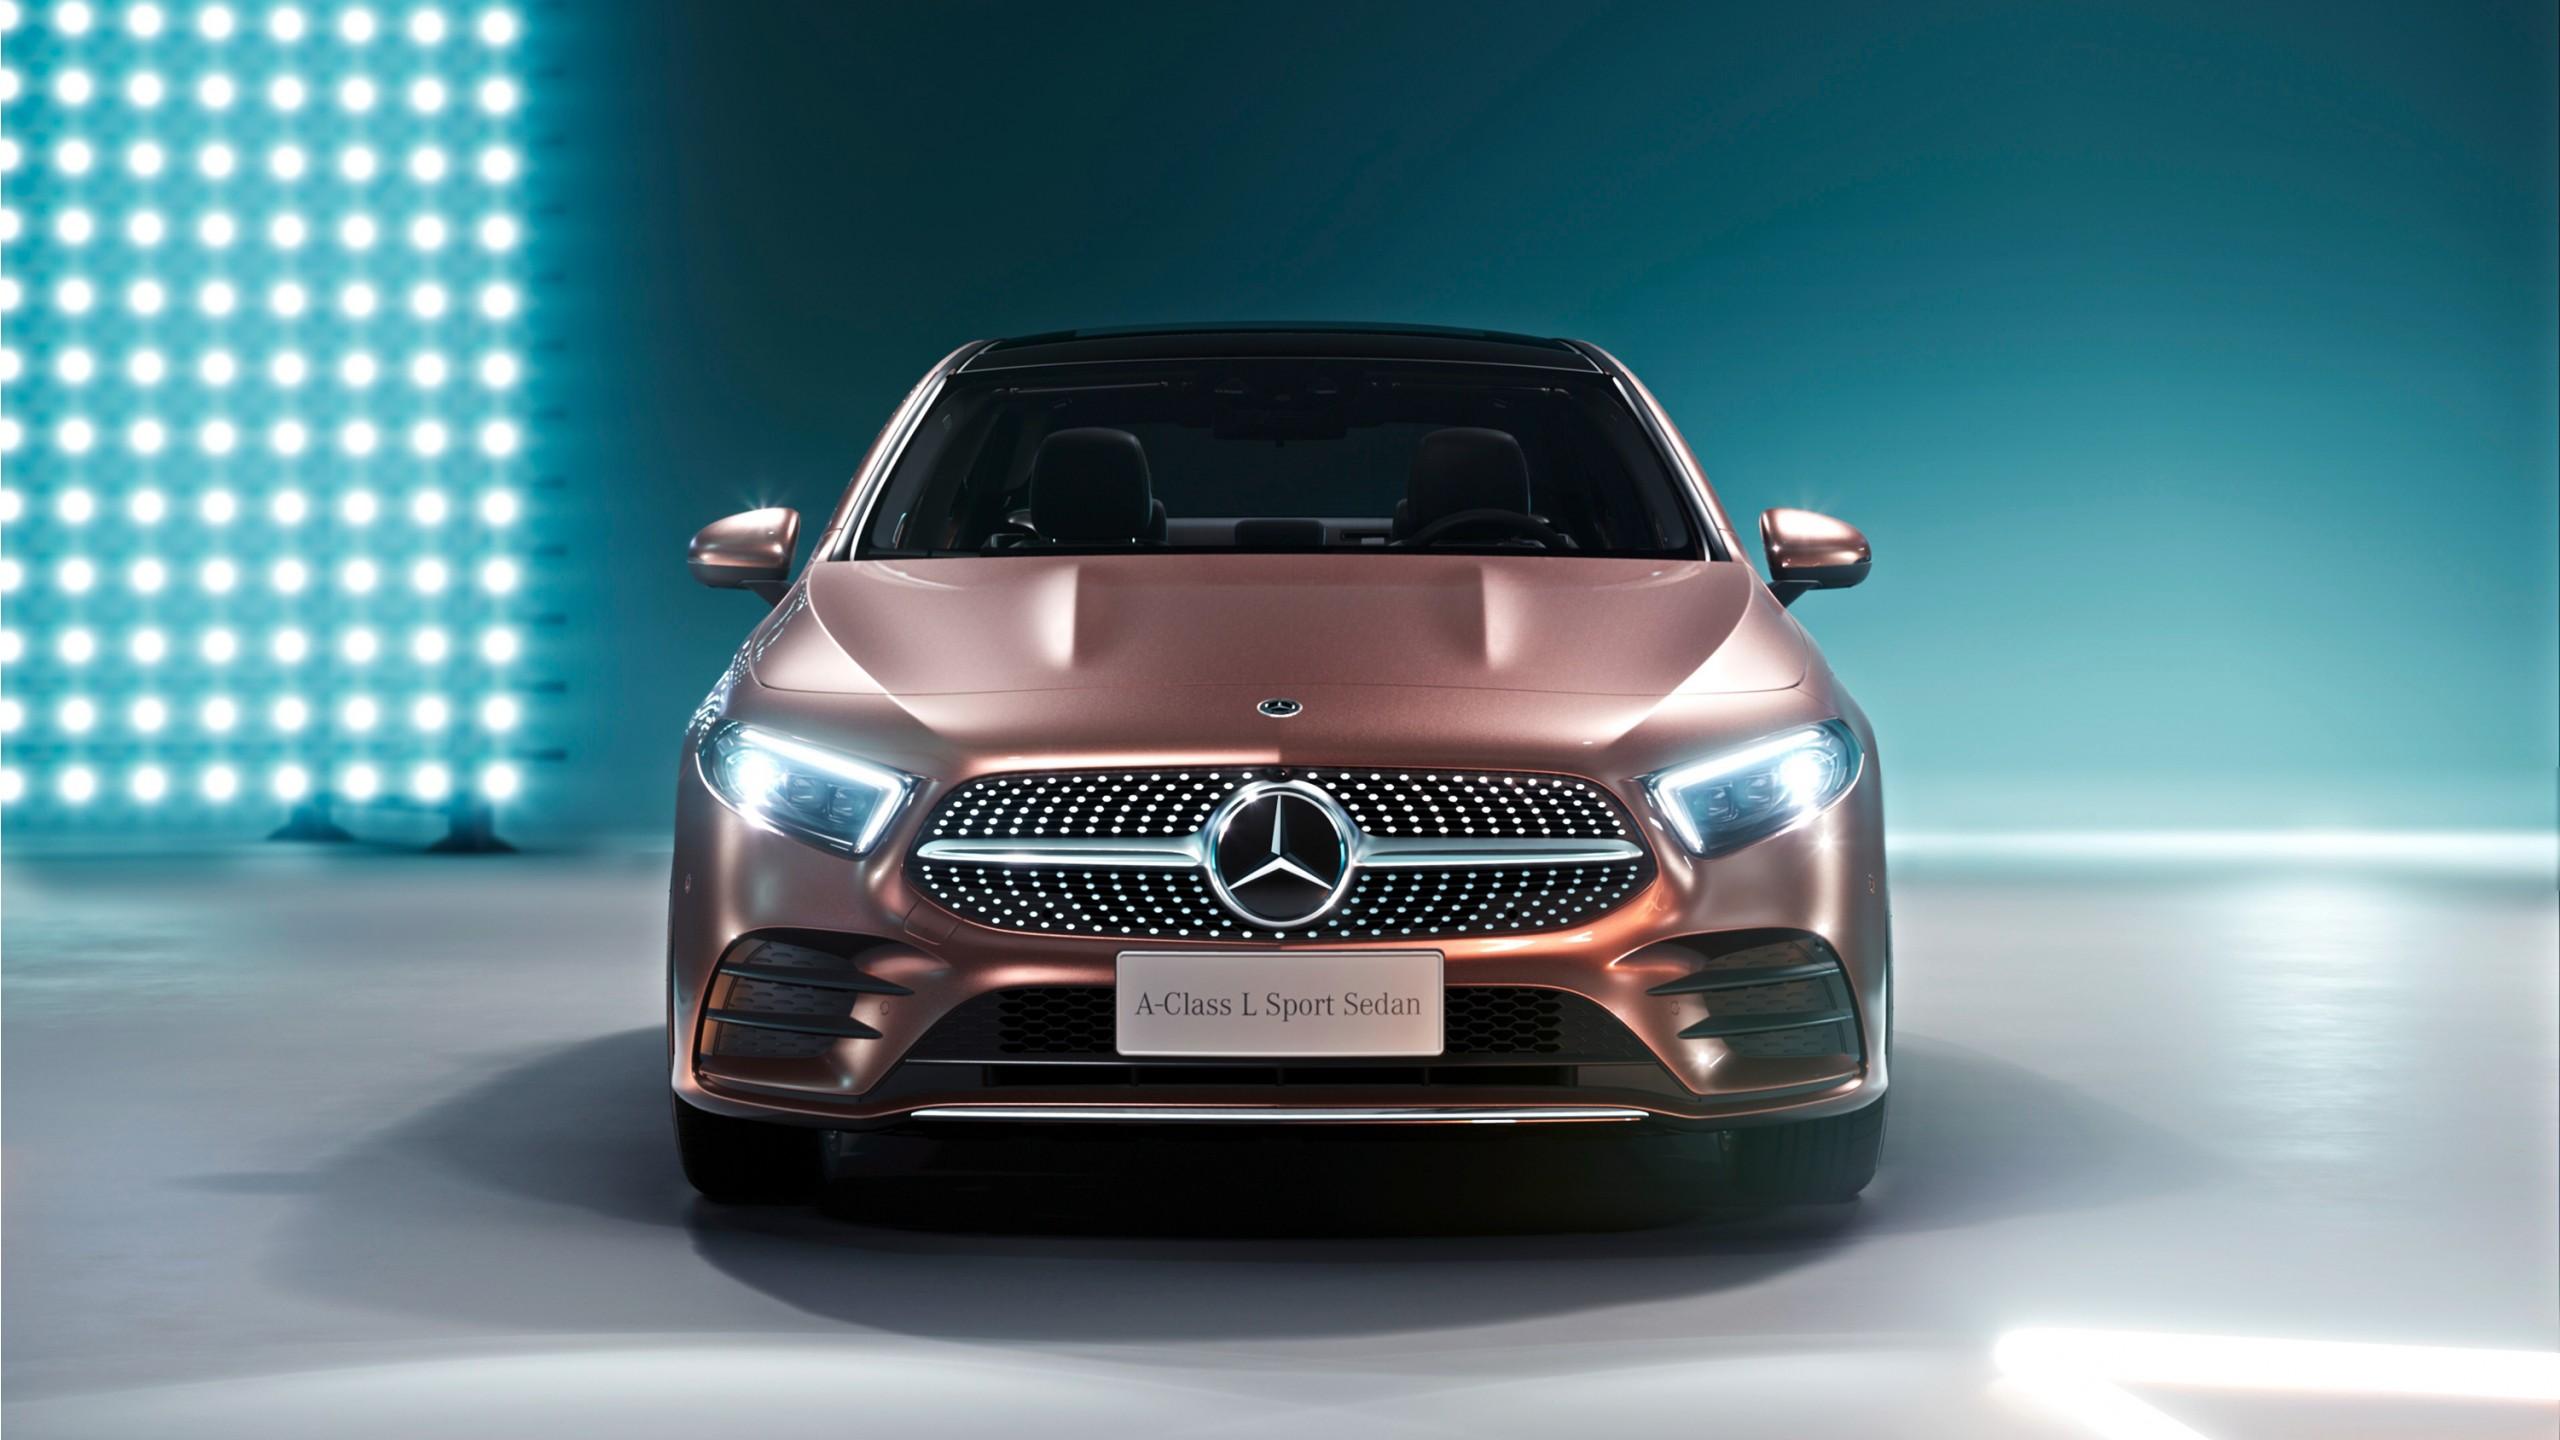 Www Hummer Limousine Car Wallpapers Com 2019 Mercedes Benz A200 L Sport Sedan Wallpaper Hd Car